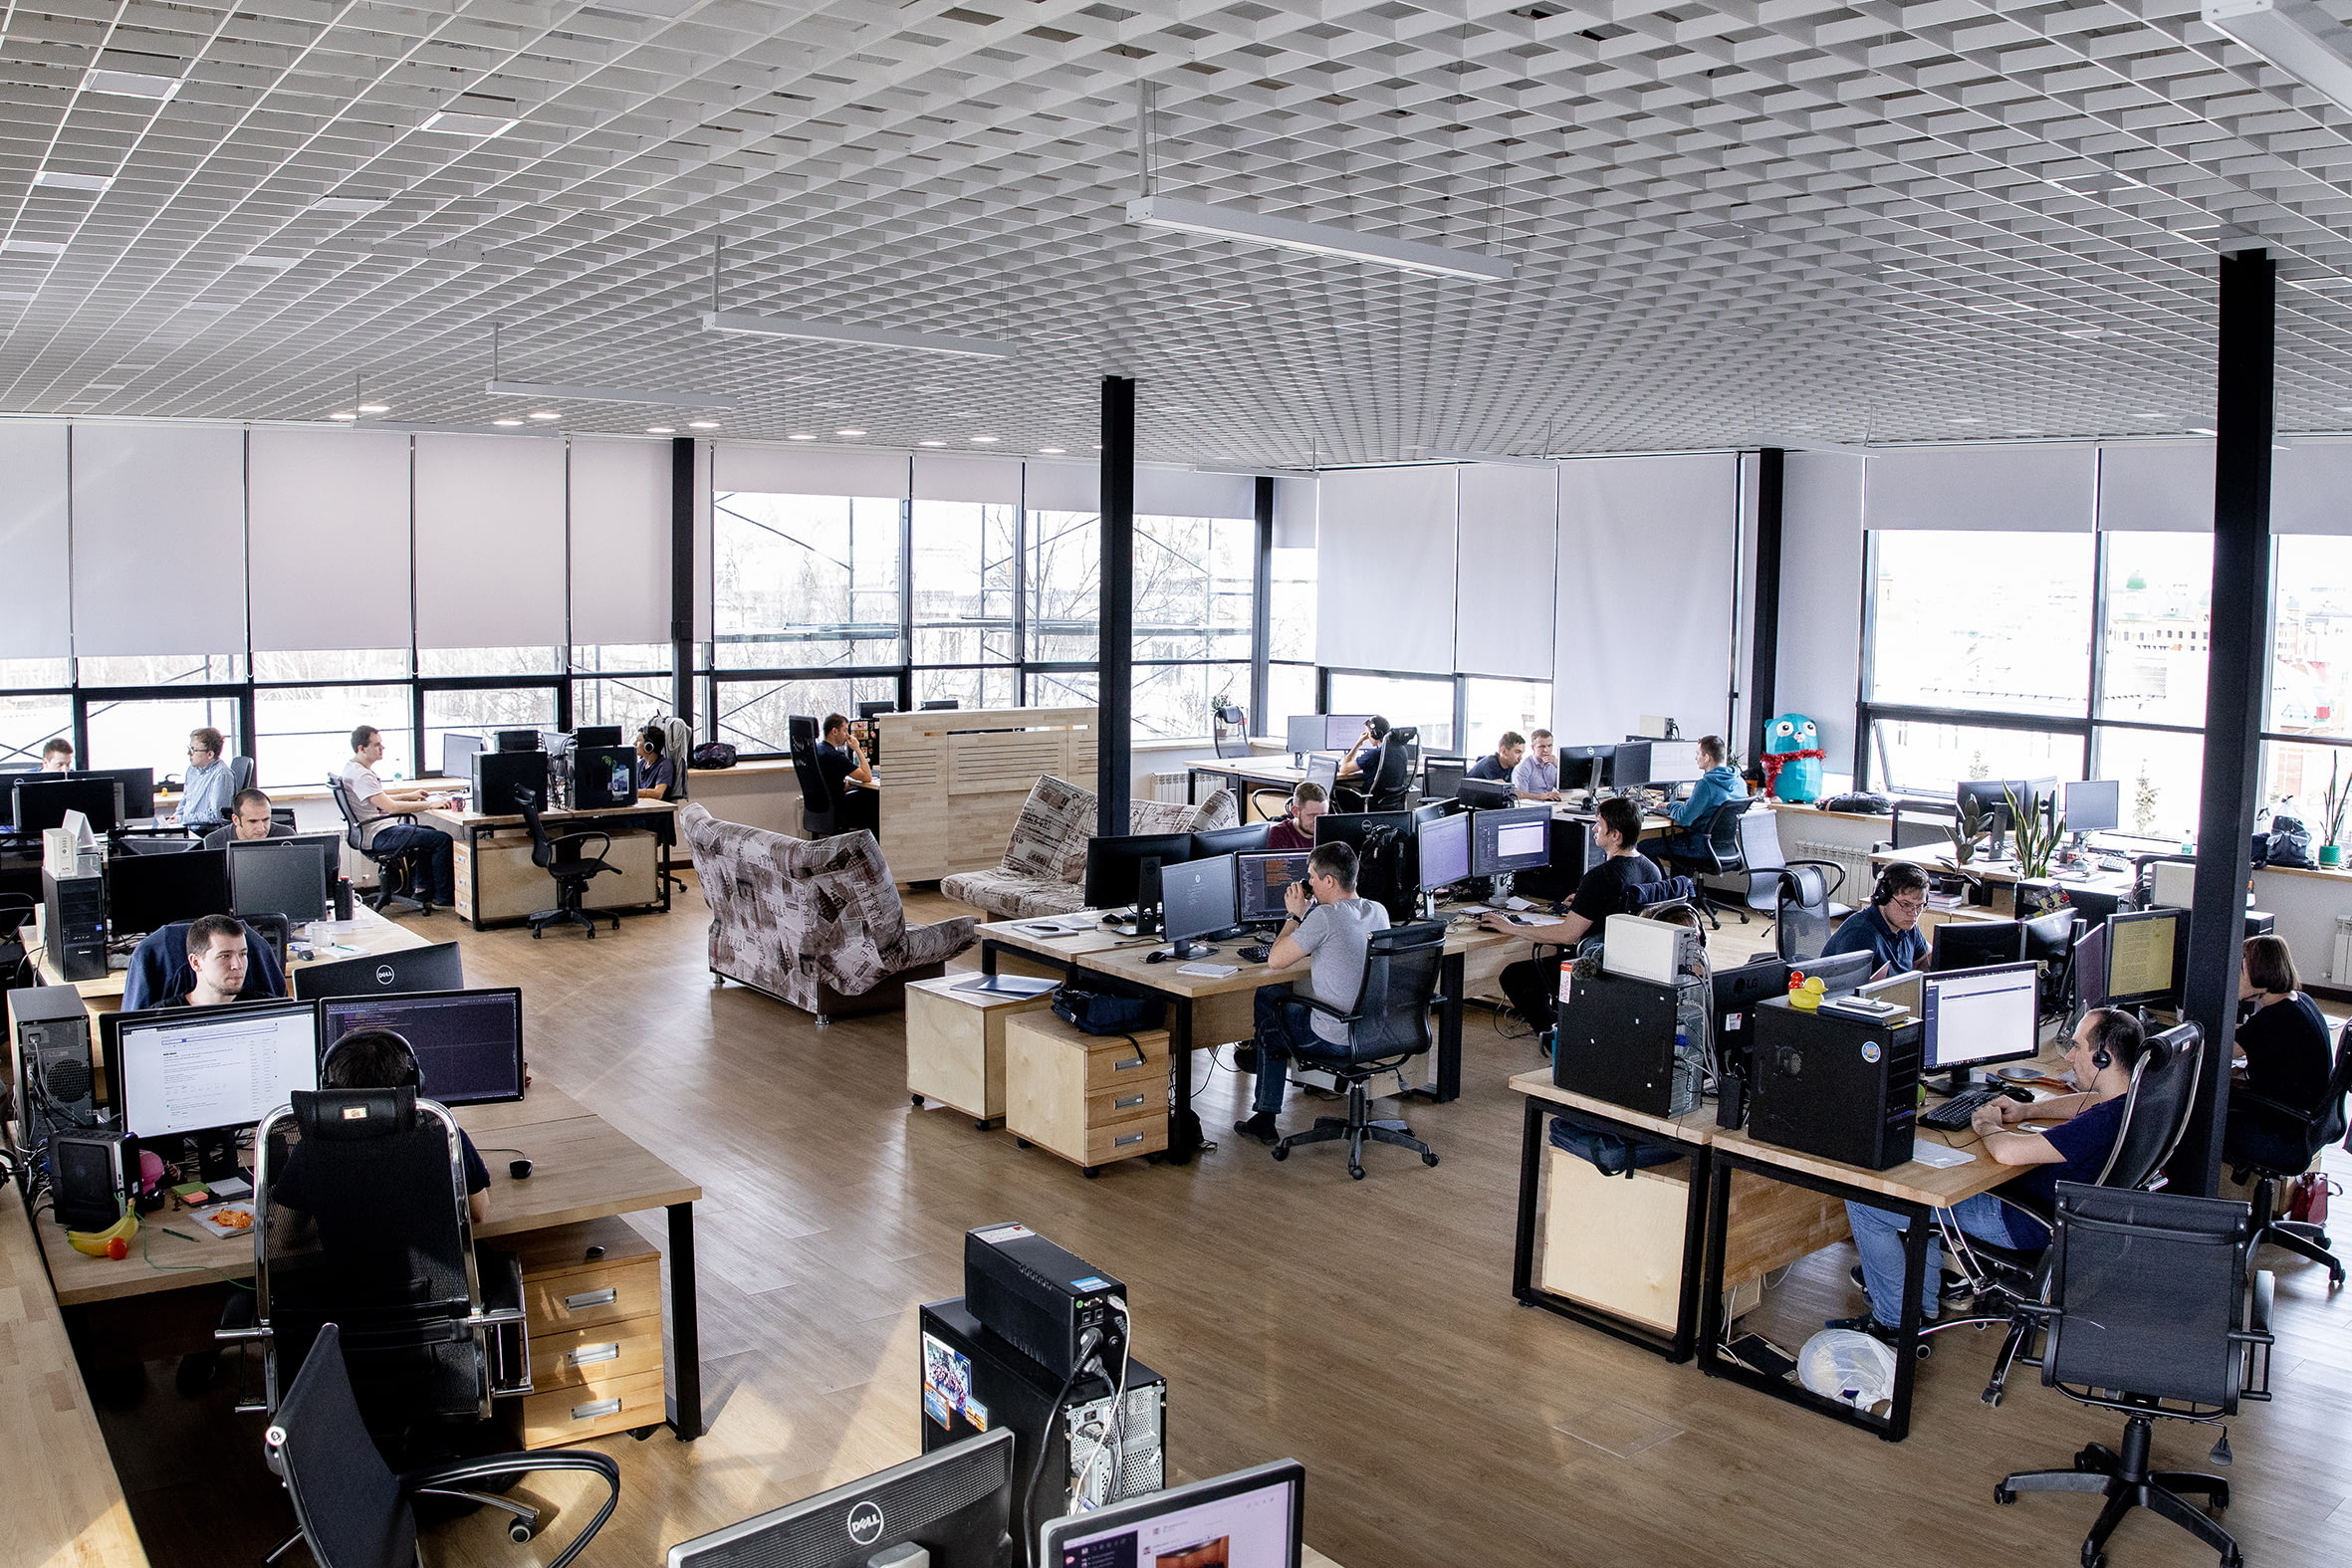 Сервис по созданию обучающих курсов, продает на 627 млн рублей в год, том числе Microsoft и IBM.